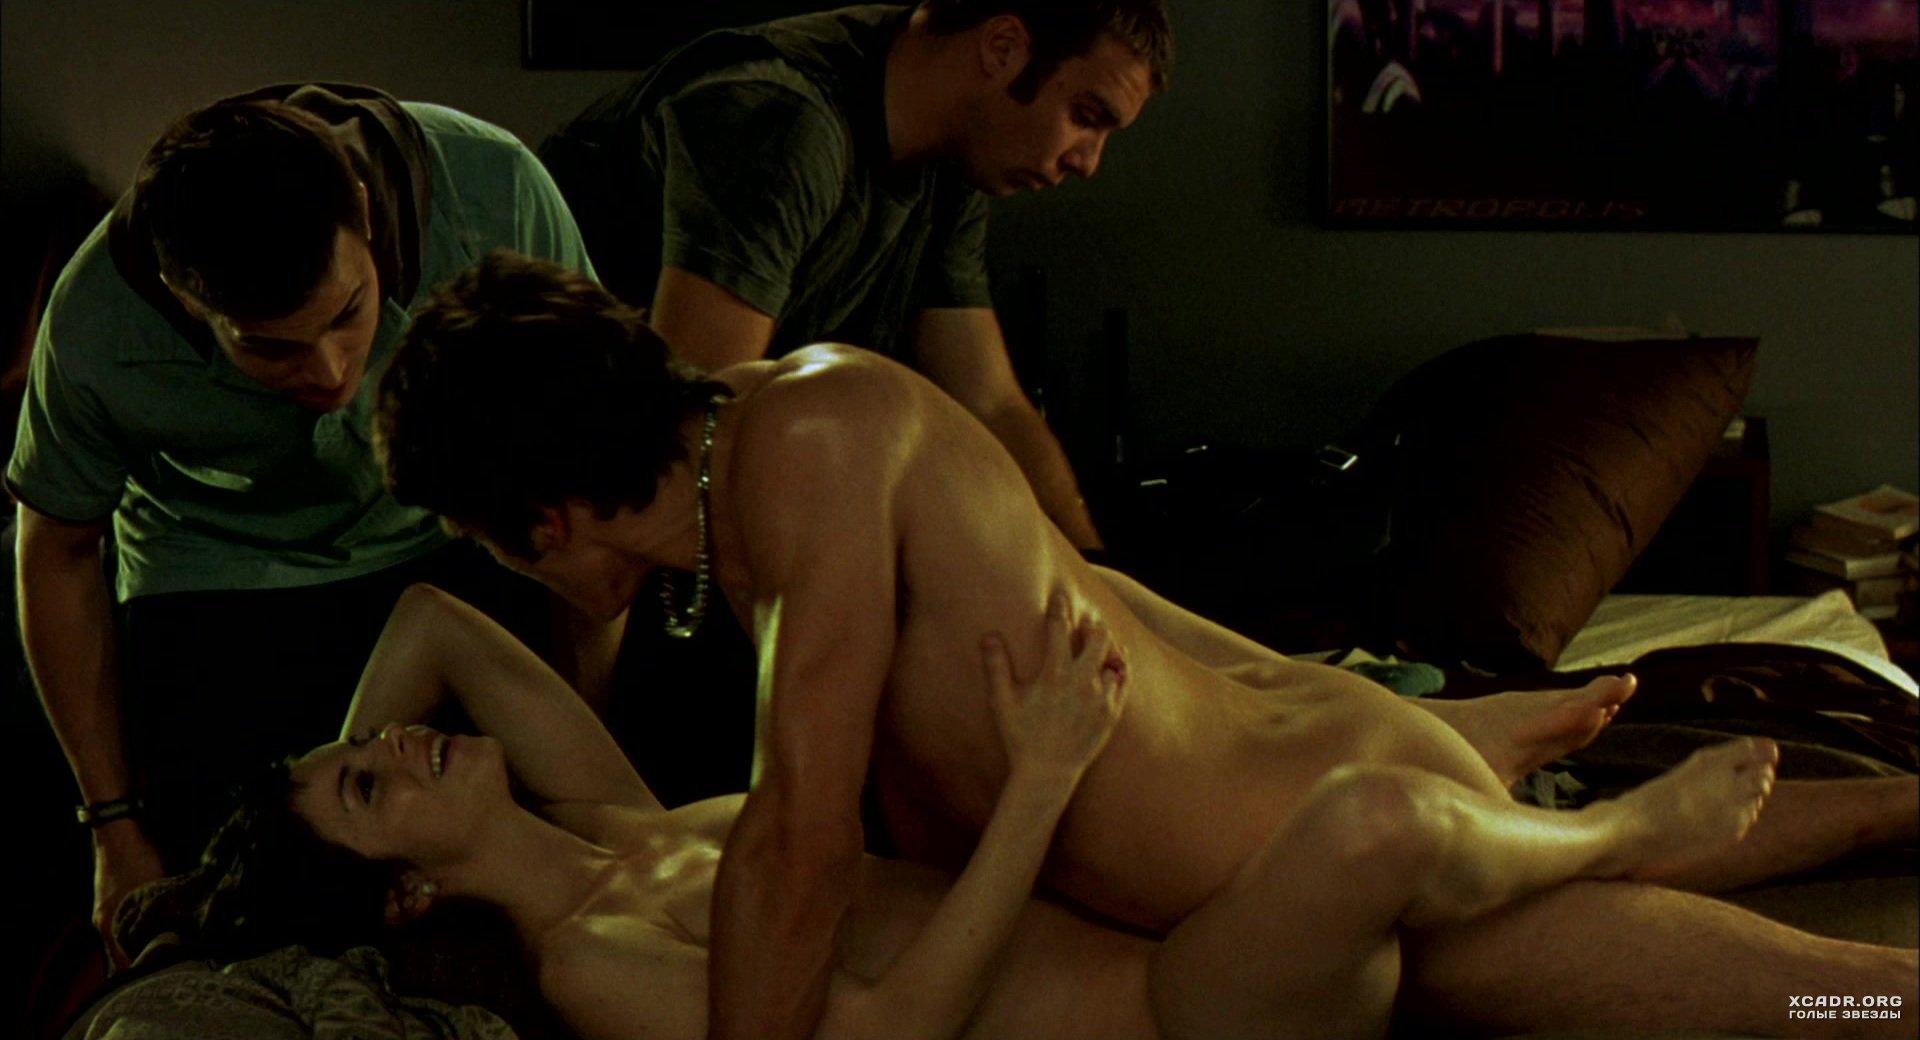 Смотреть современные порно фильмы высокого качества зовут евгения